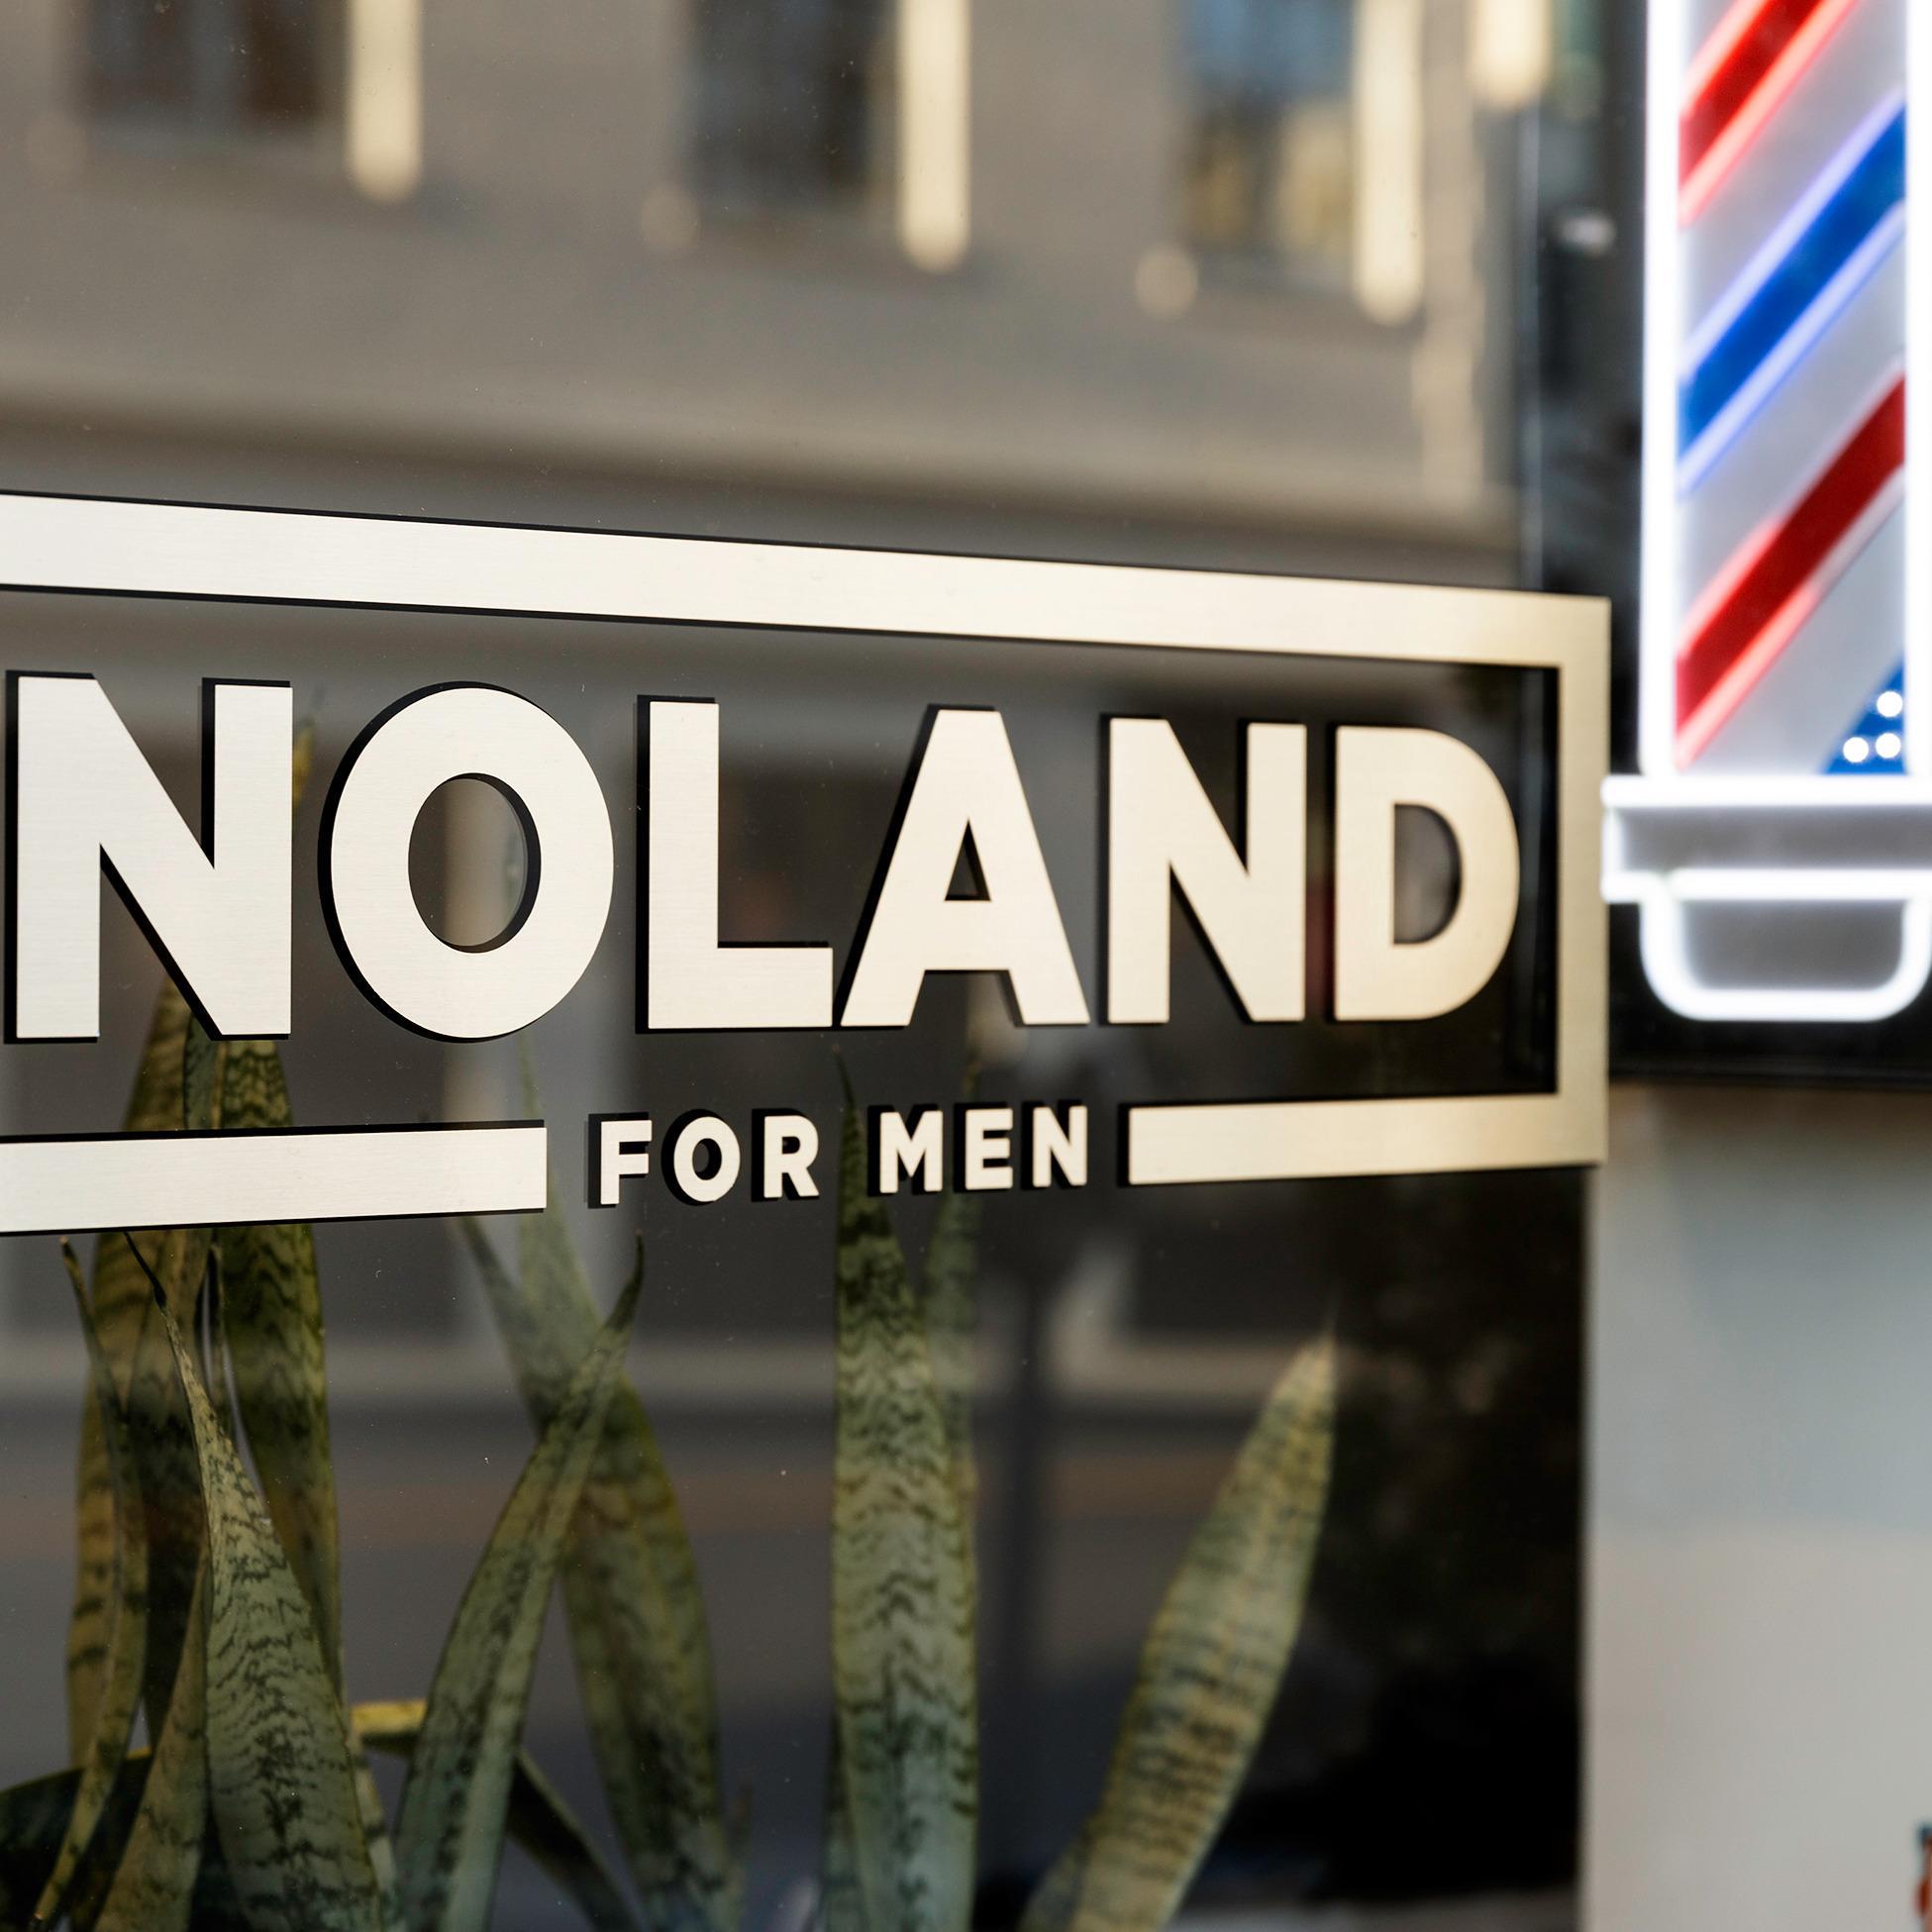 Noland For Men